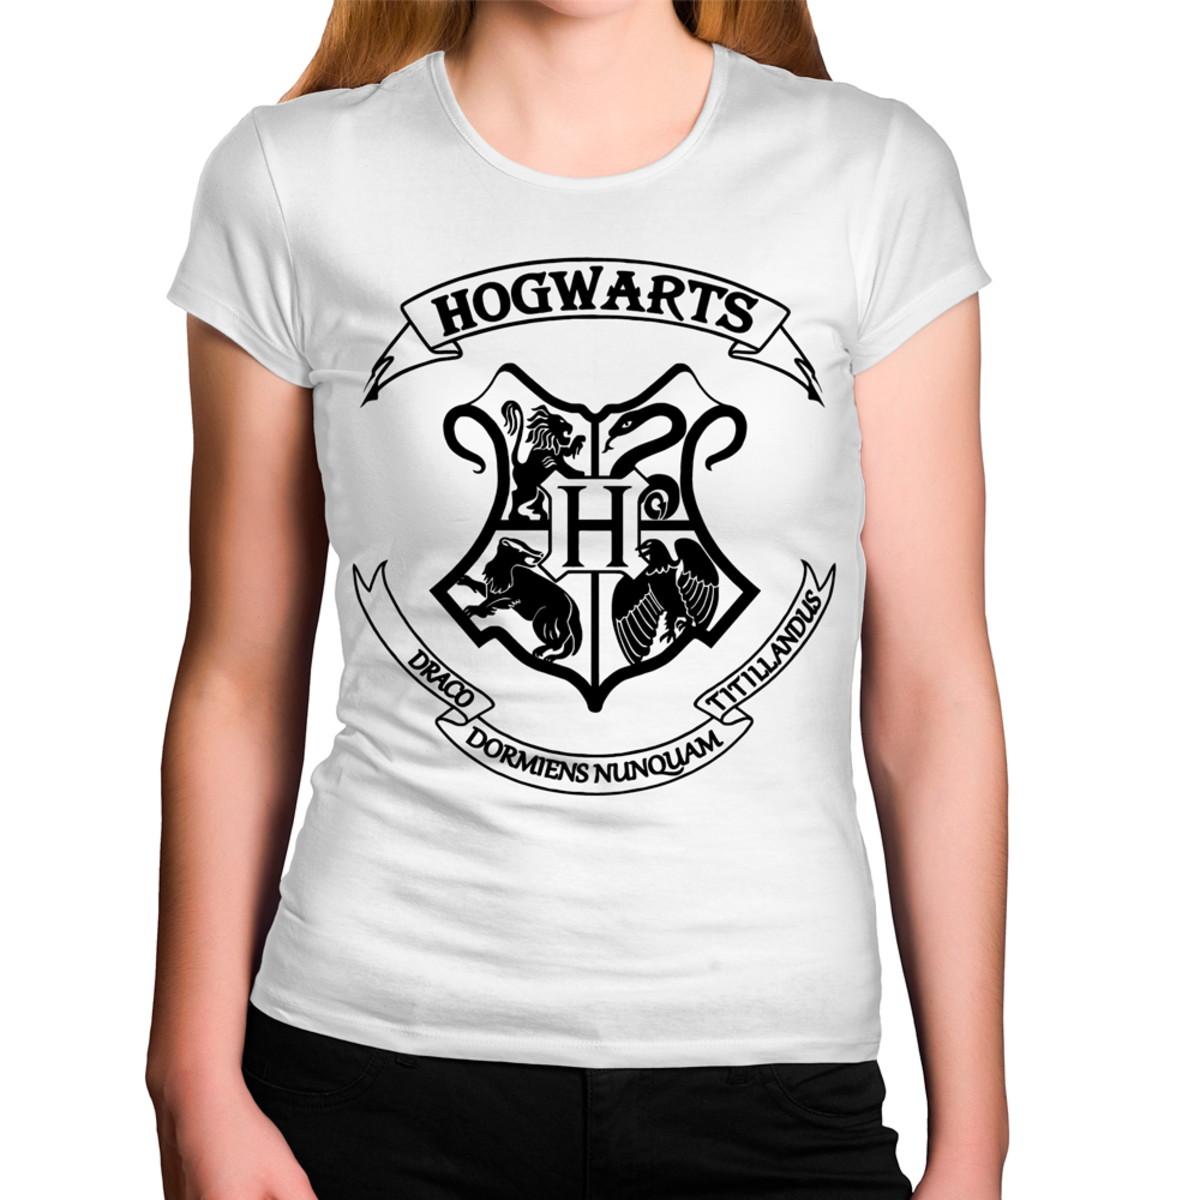 b4d6d24a2 Camiseta Feminina Hogwarts Brasão Harry Potter no Elo7